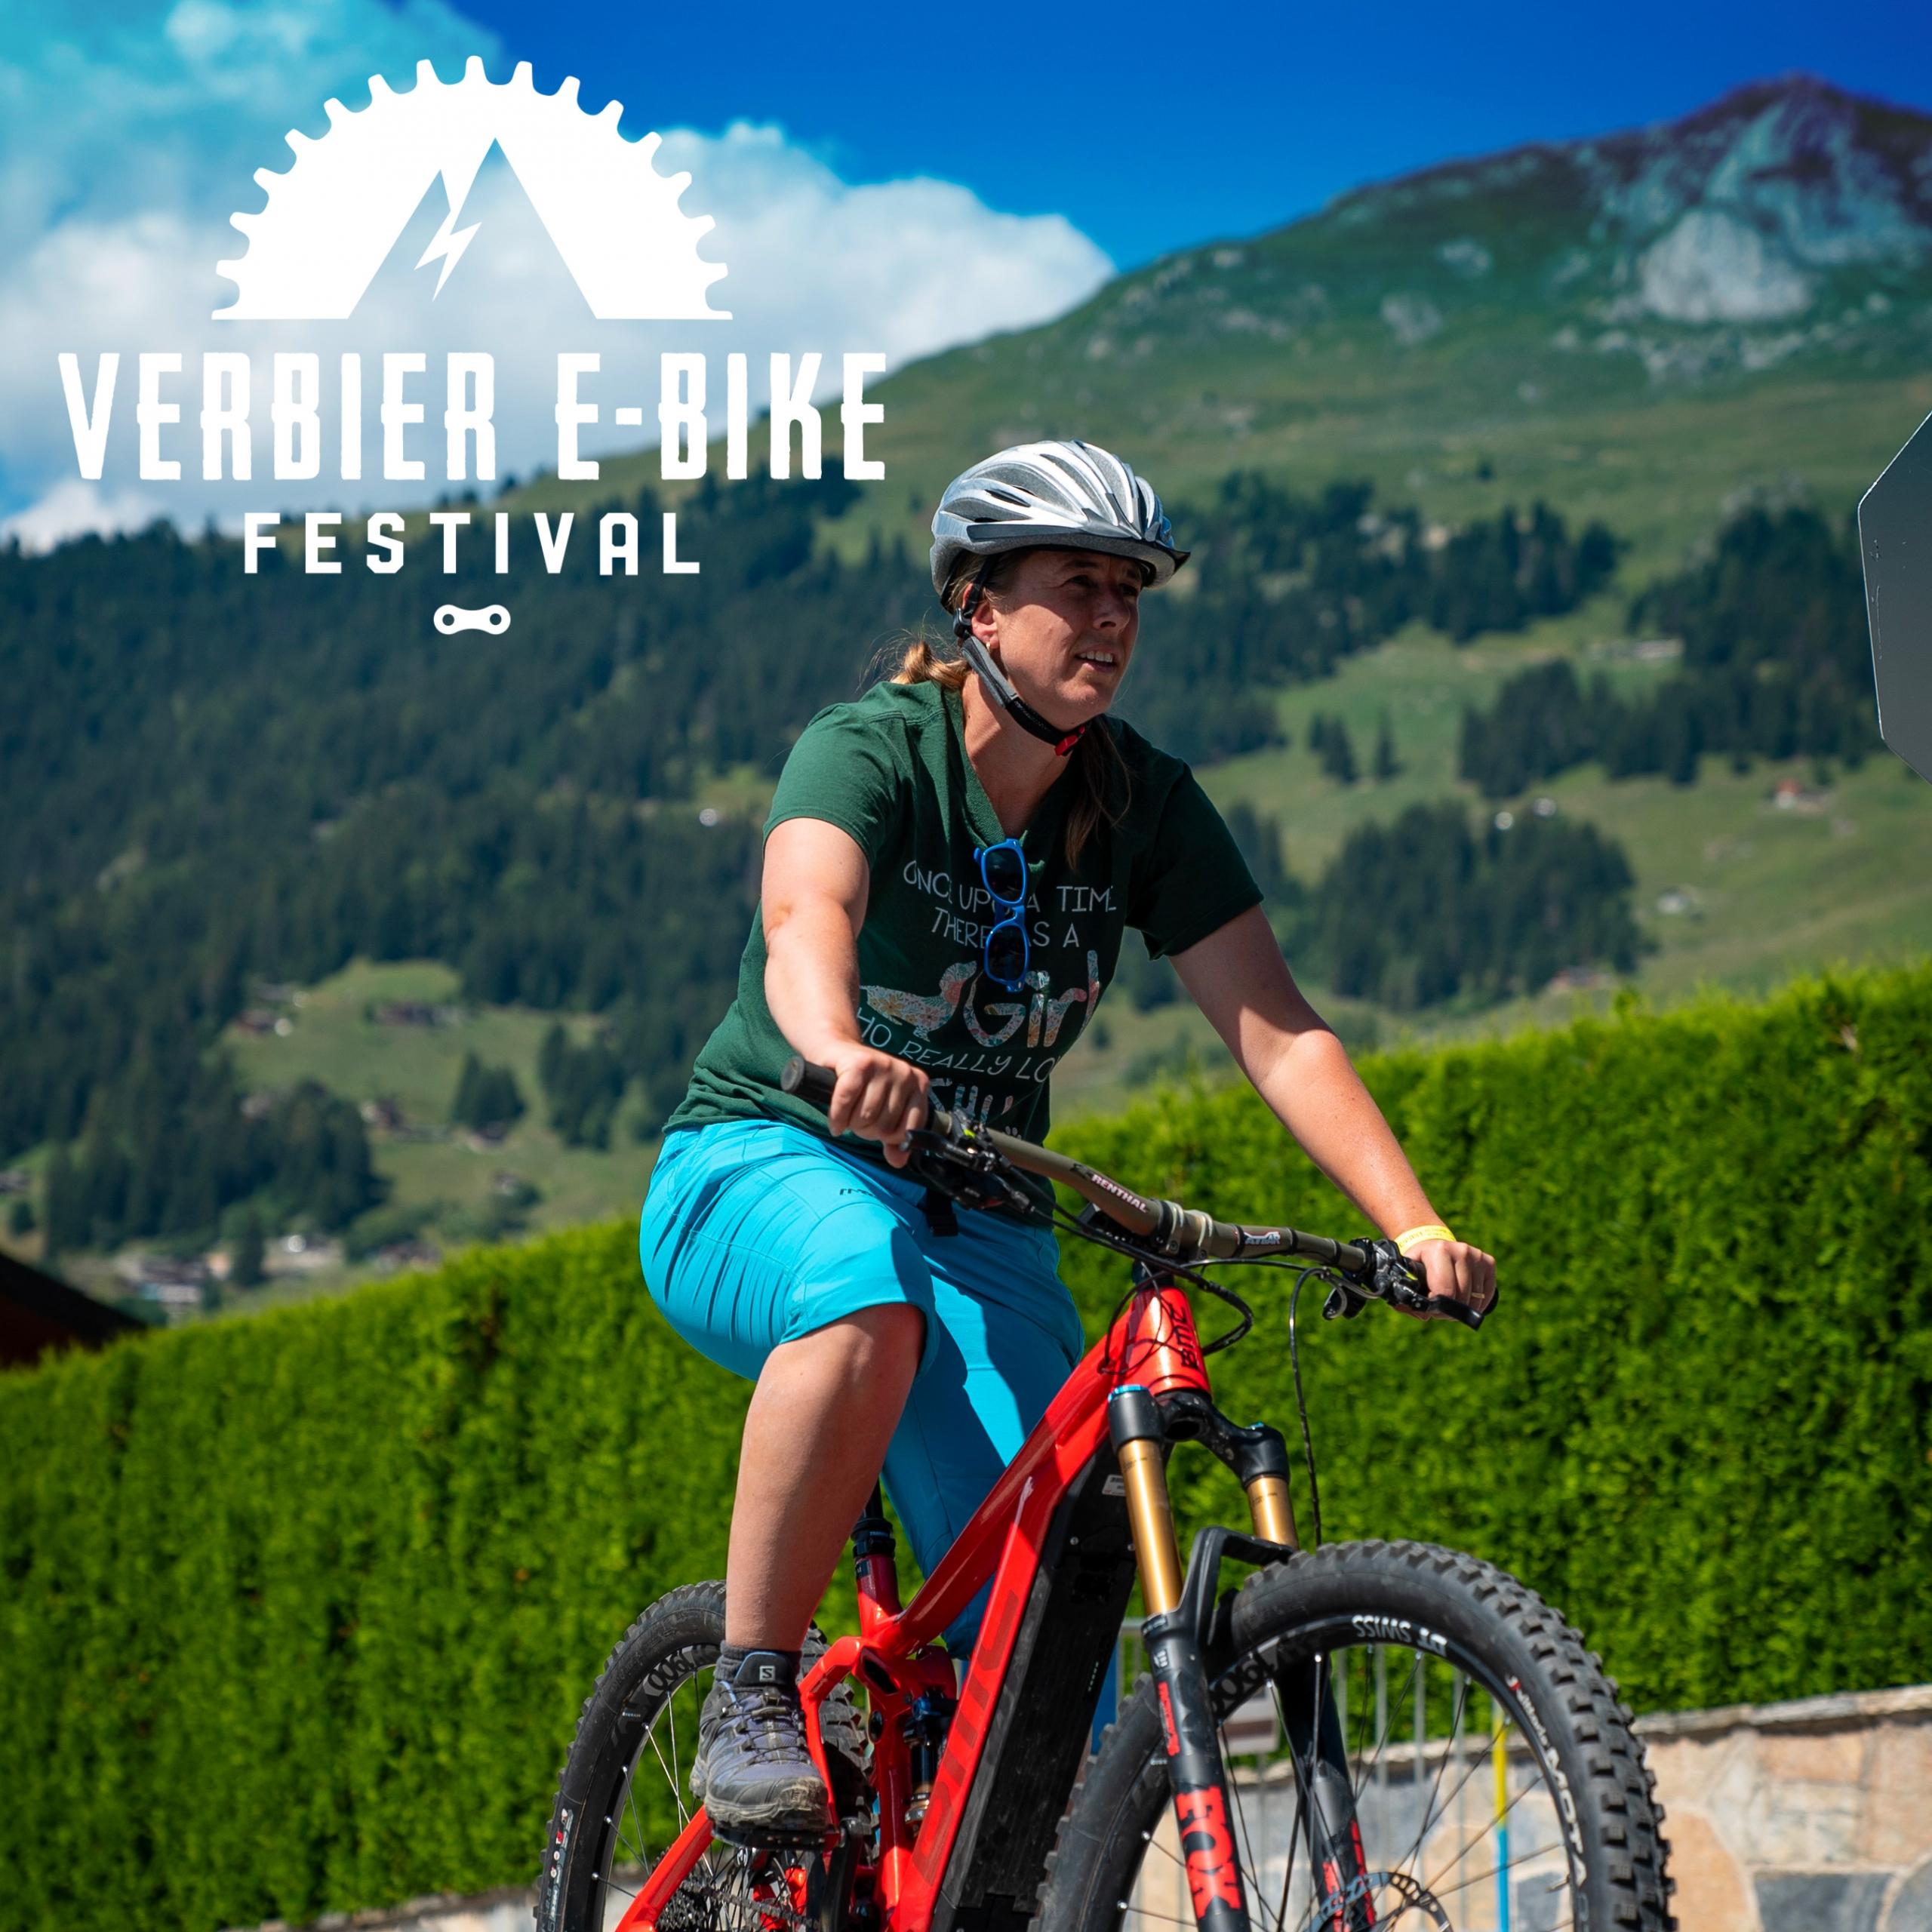 Verbier eBike Festival 2019 - Dimanche